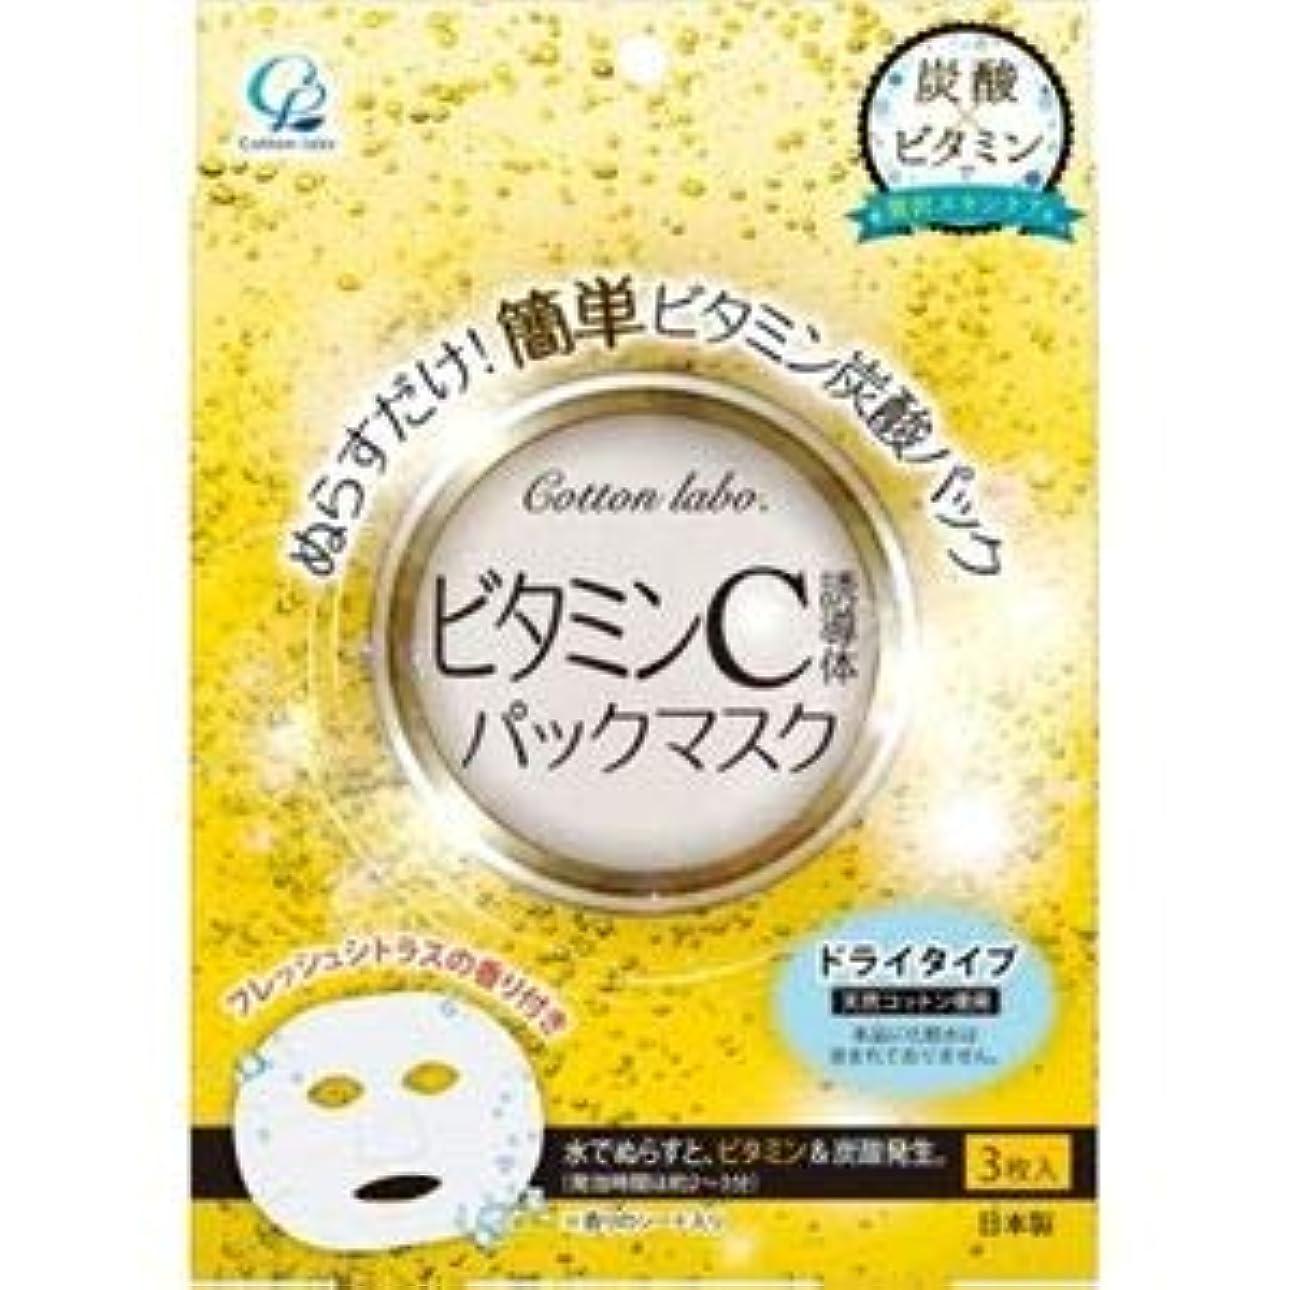 お嬢変形ソーダ水(まとめ)コットンラボ ビタミンパックマスク3枚 【×5点セット】